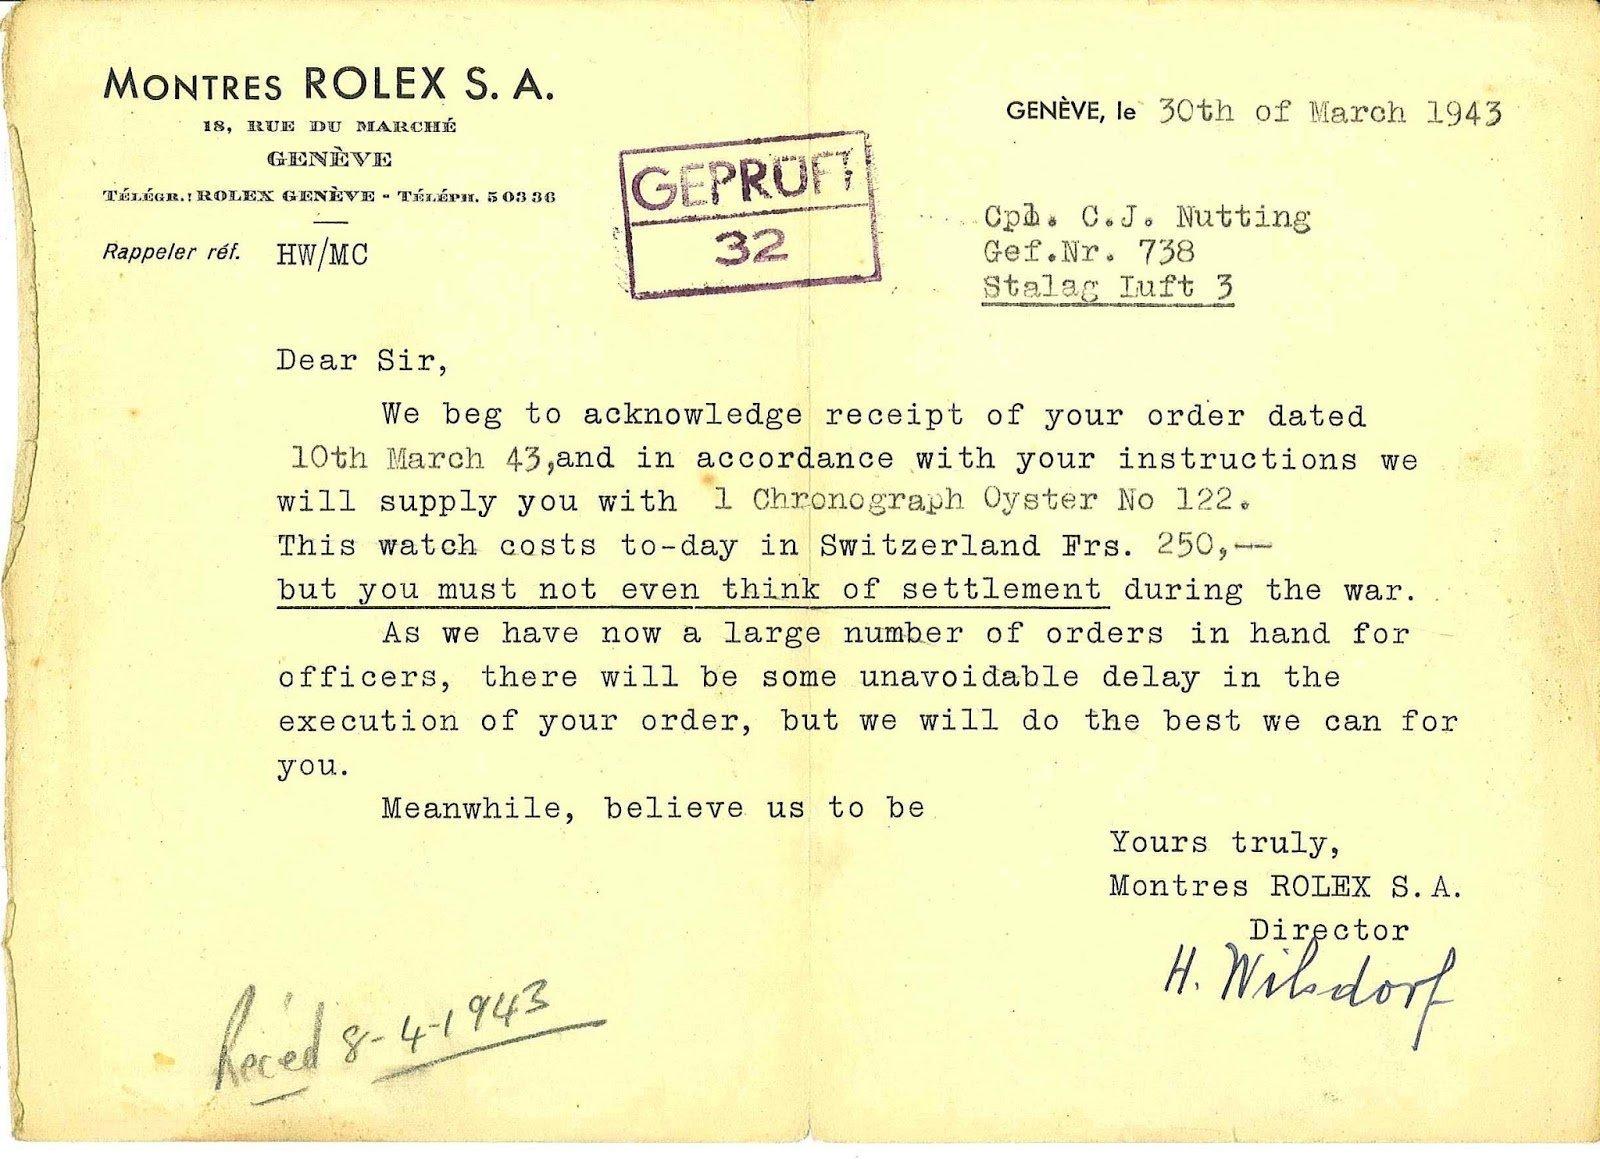 המכתב של ווילסדורף לנוטינג. מקור - RolexMagazine.com.